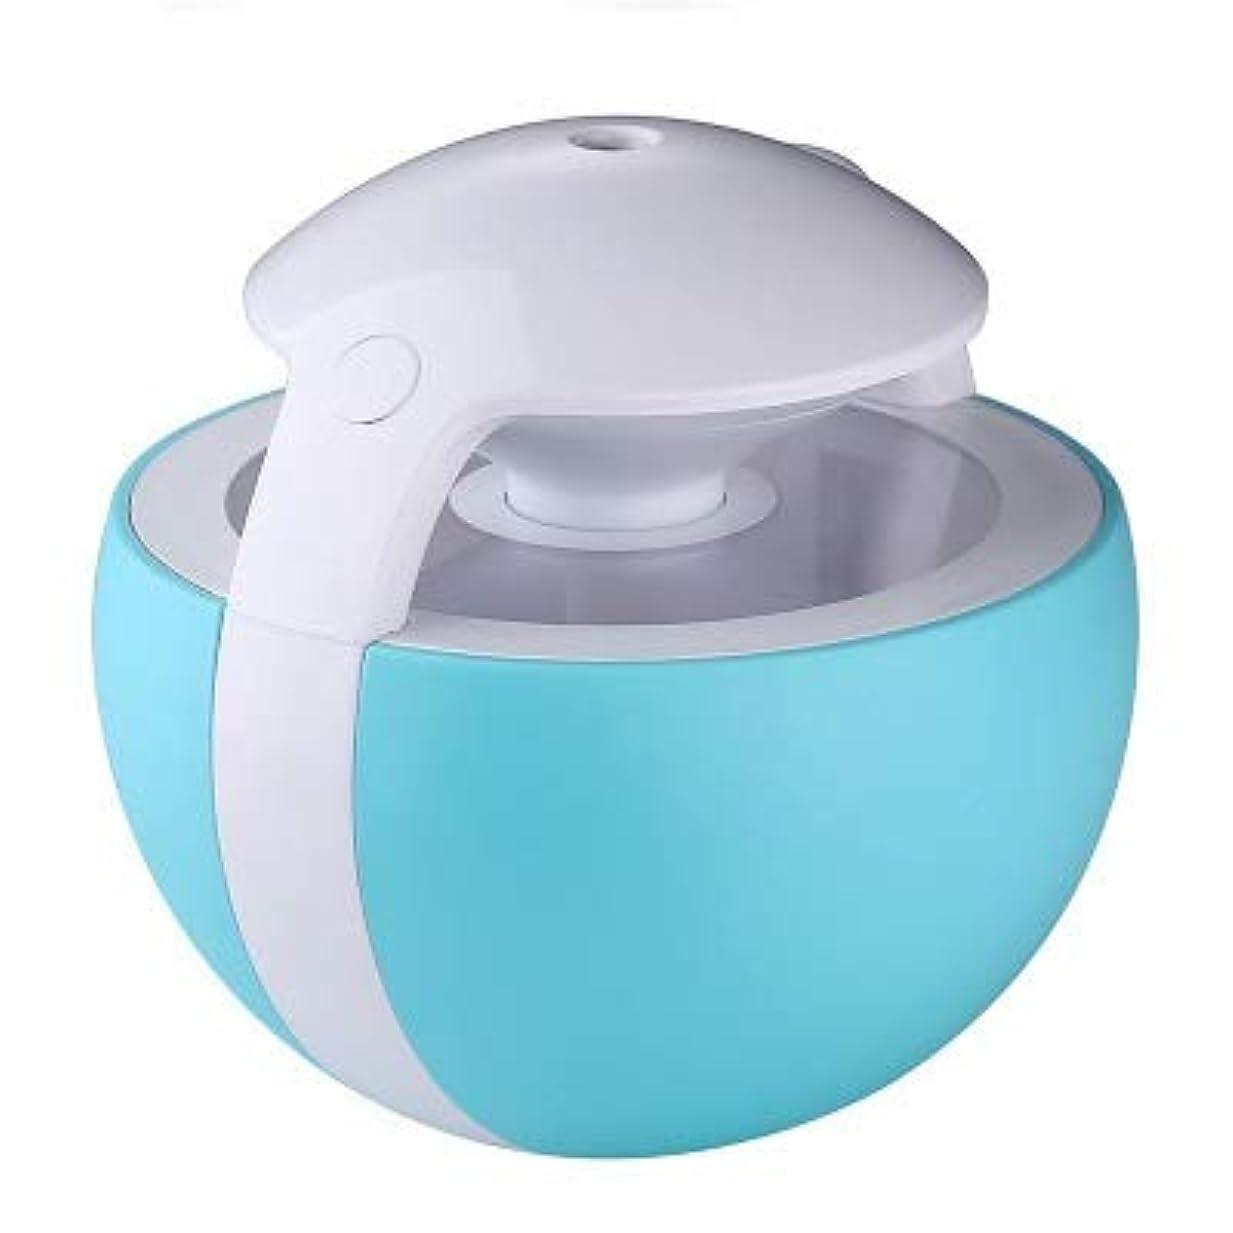 フラスコ正直すみませんオフィスホームベッドルーム用超音波空気加湿器-アロマディフューザー-エッセンシャルオイルディフューザー-快適に眠り、職場を簡単に制御できる超静音 (Color : Blue)